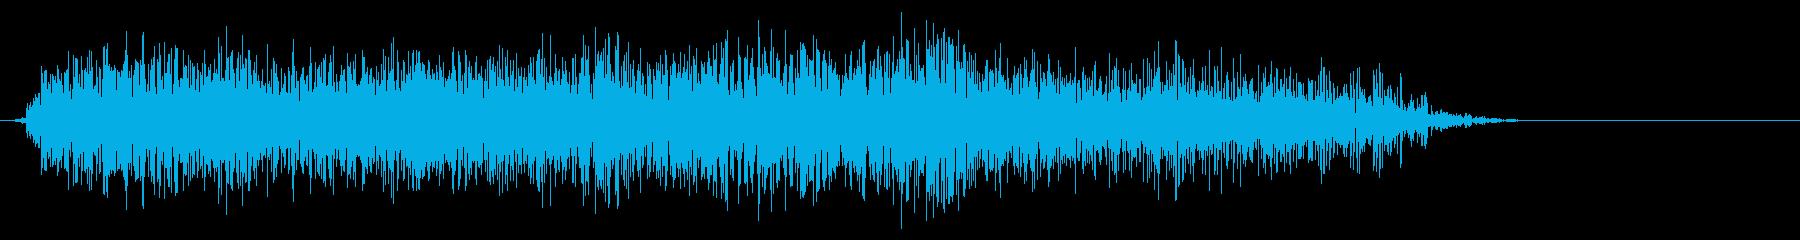 エレクトリックギター:スライドパワ...の再生済みの波形